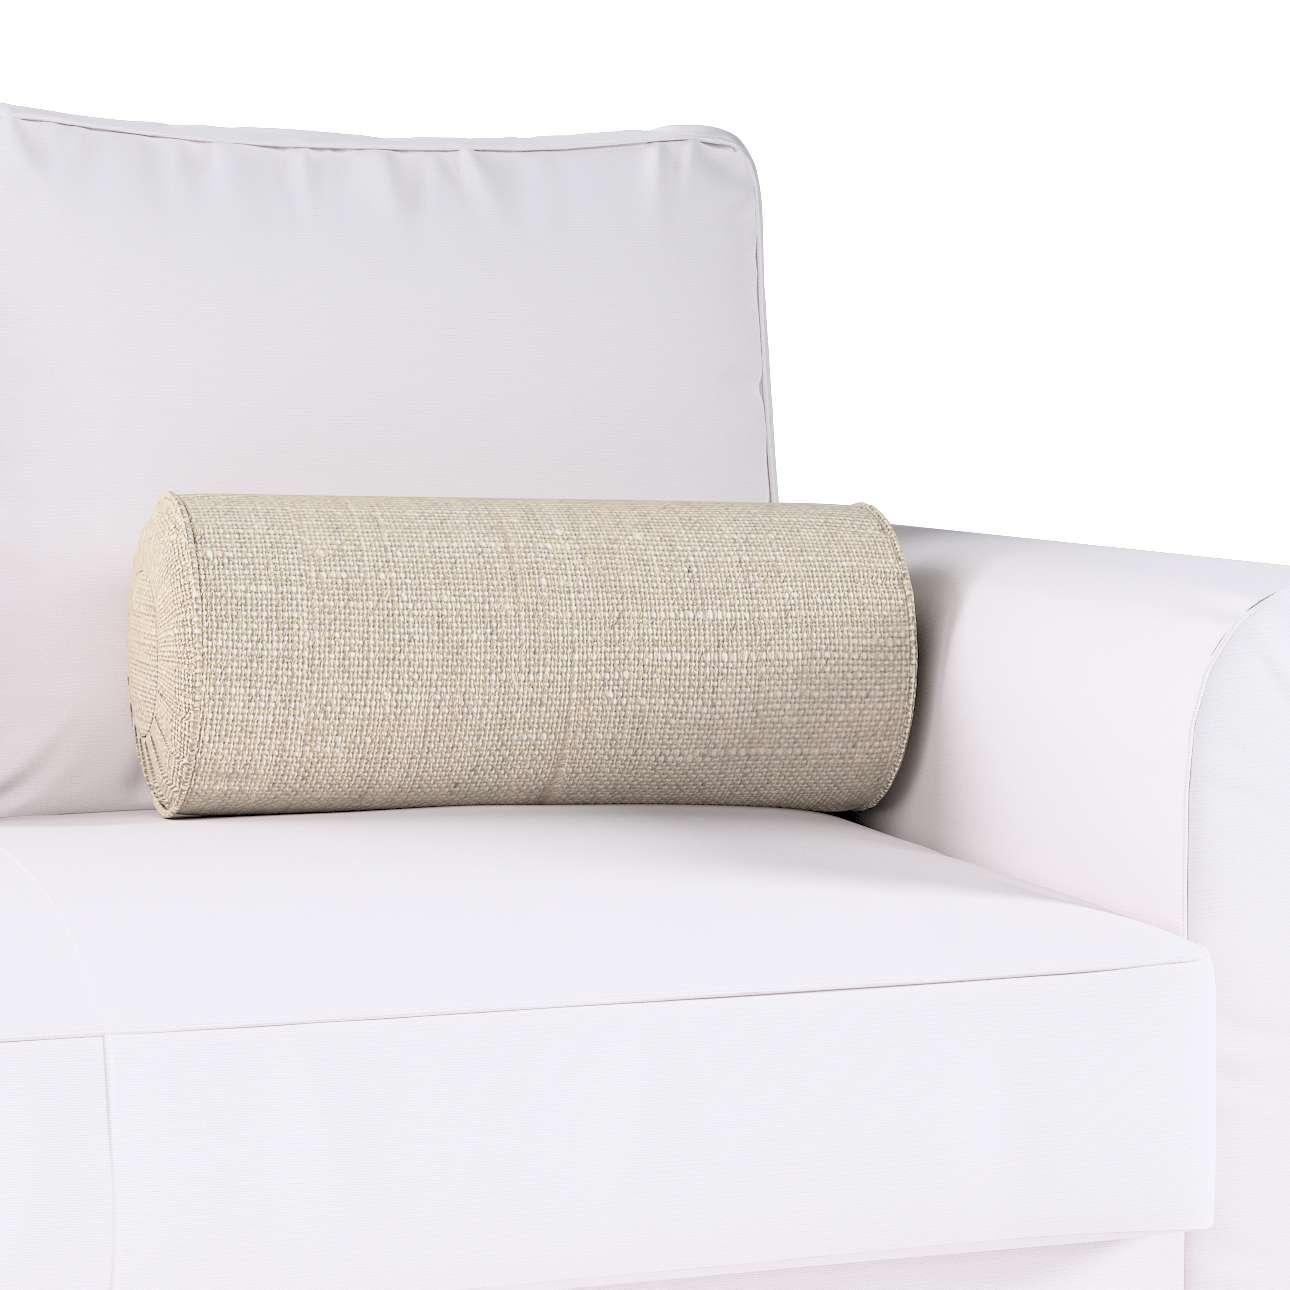 Poduszka wałek z zakładkami w kolekcji Linen, tkanina: 392-05